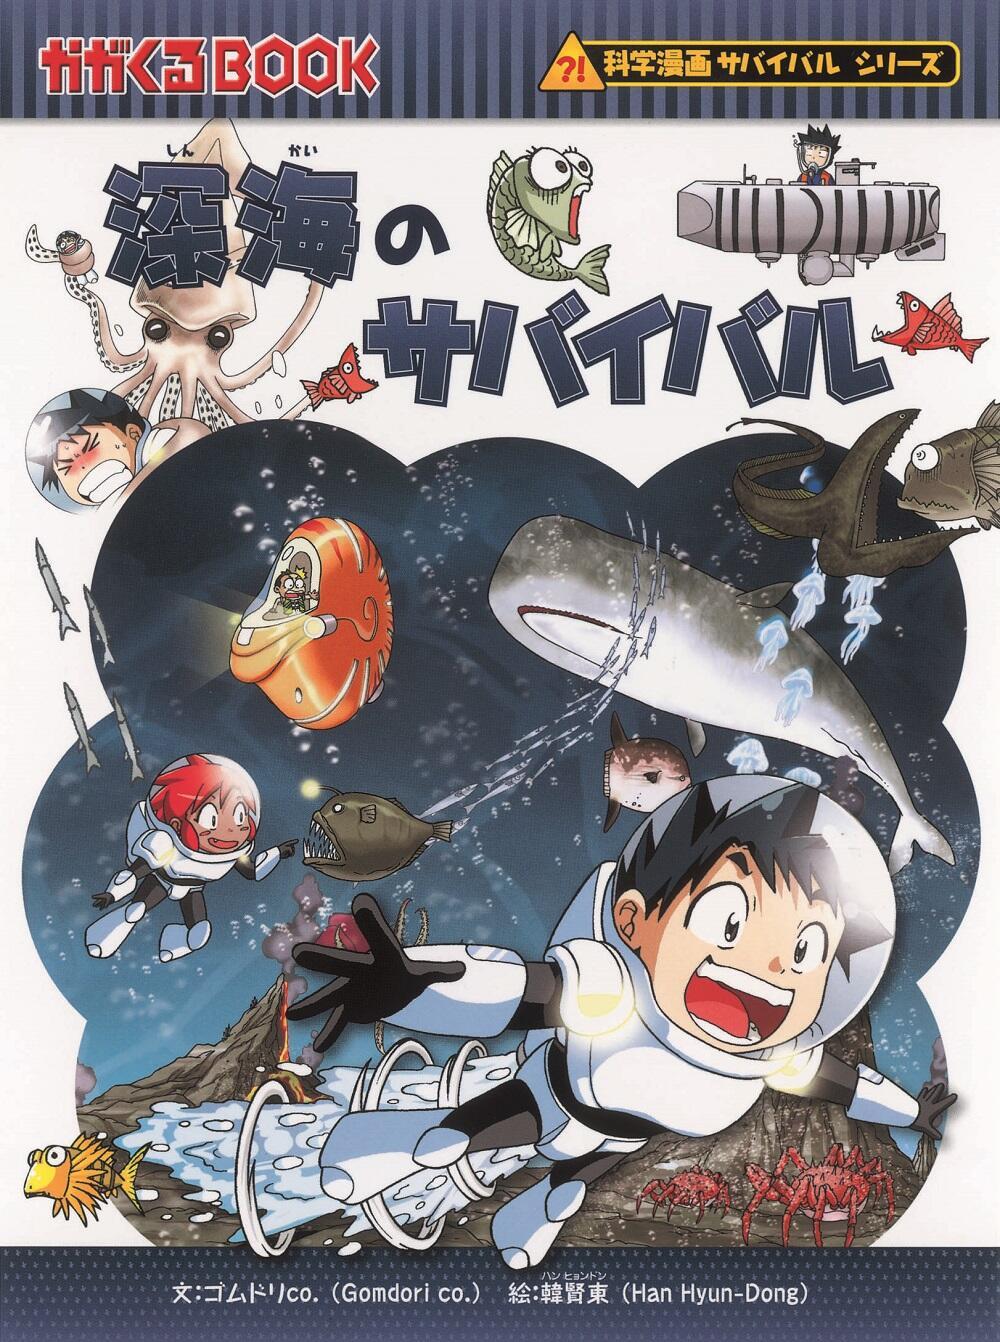 「科学漫画サバイバル」シリーズ/「深海のサバイバル」